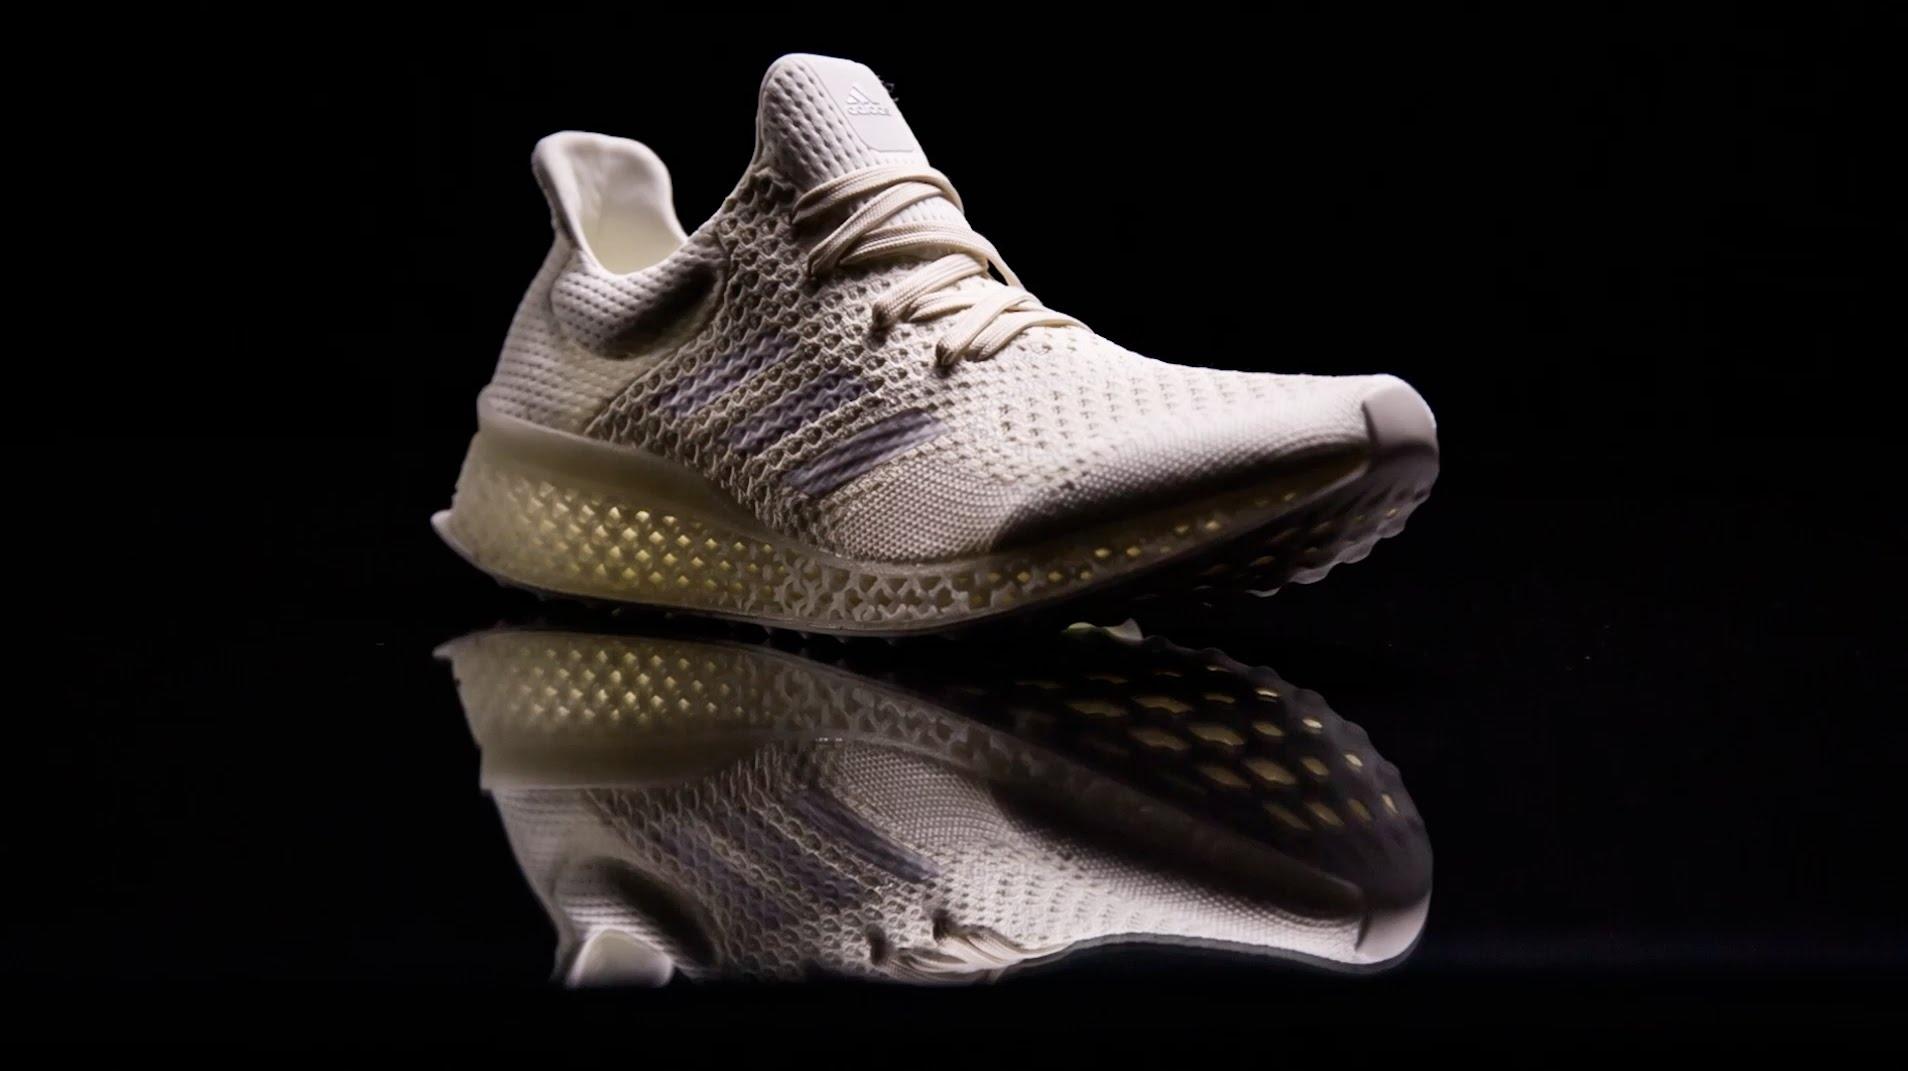 Der Laufschuh der Zukunft: adidas Futurecraft 3D